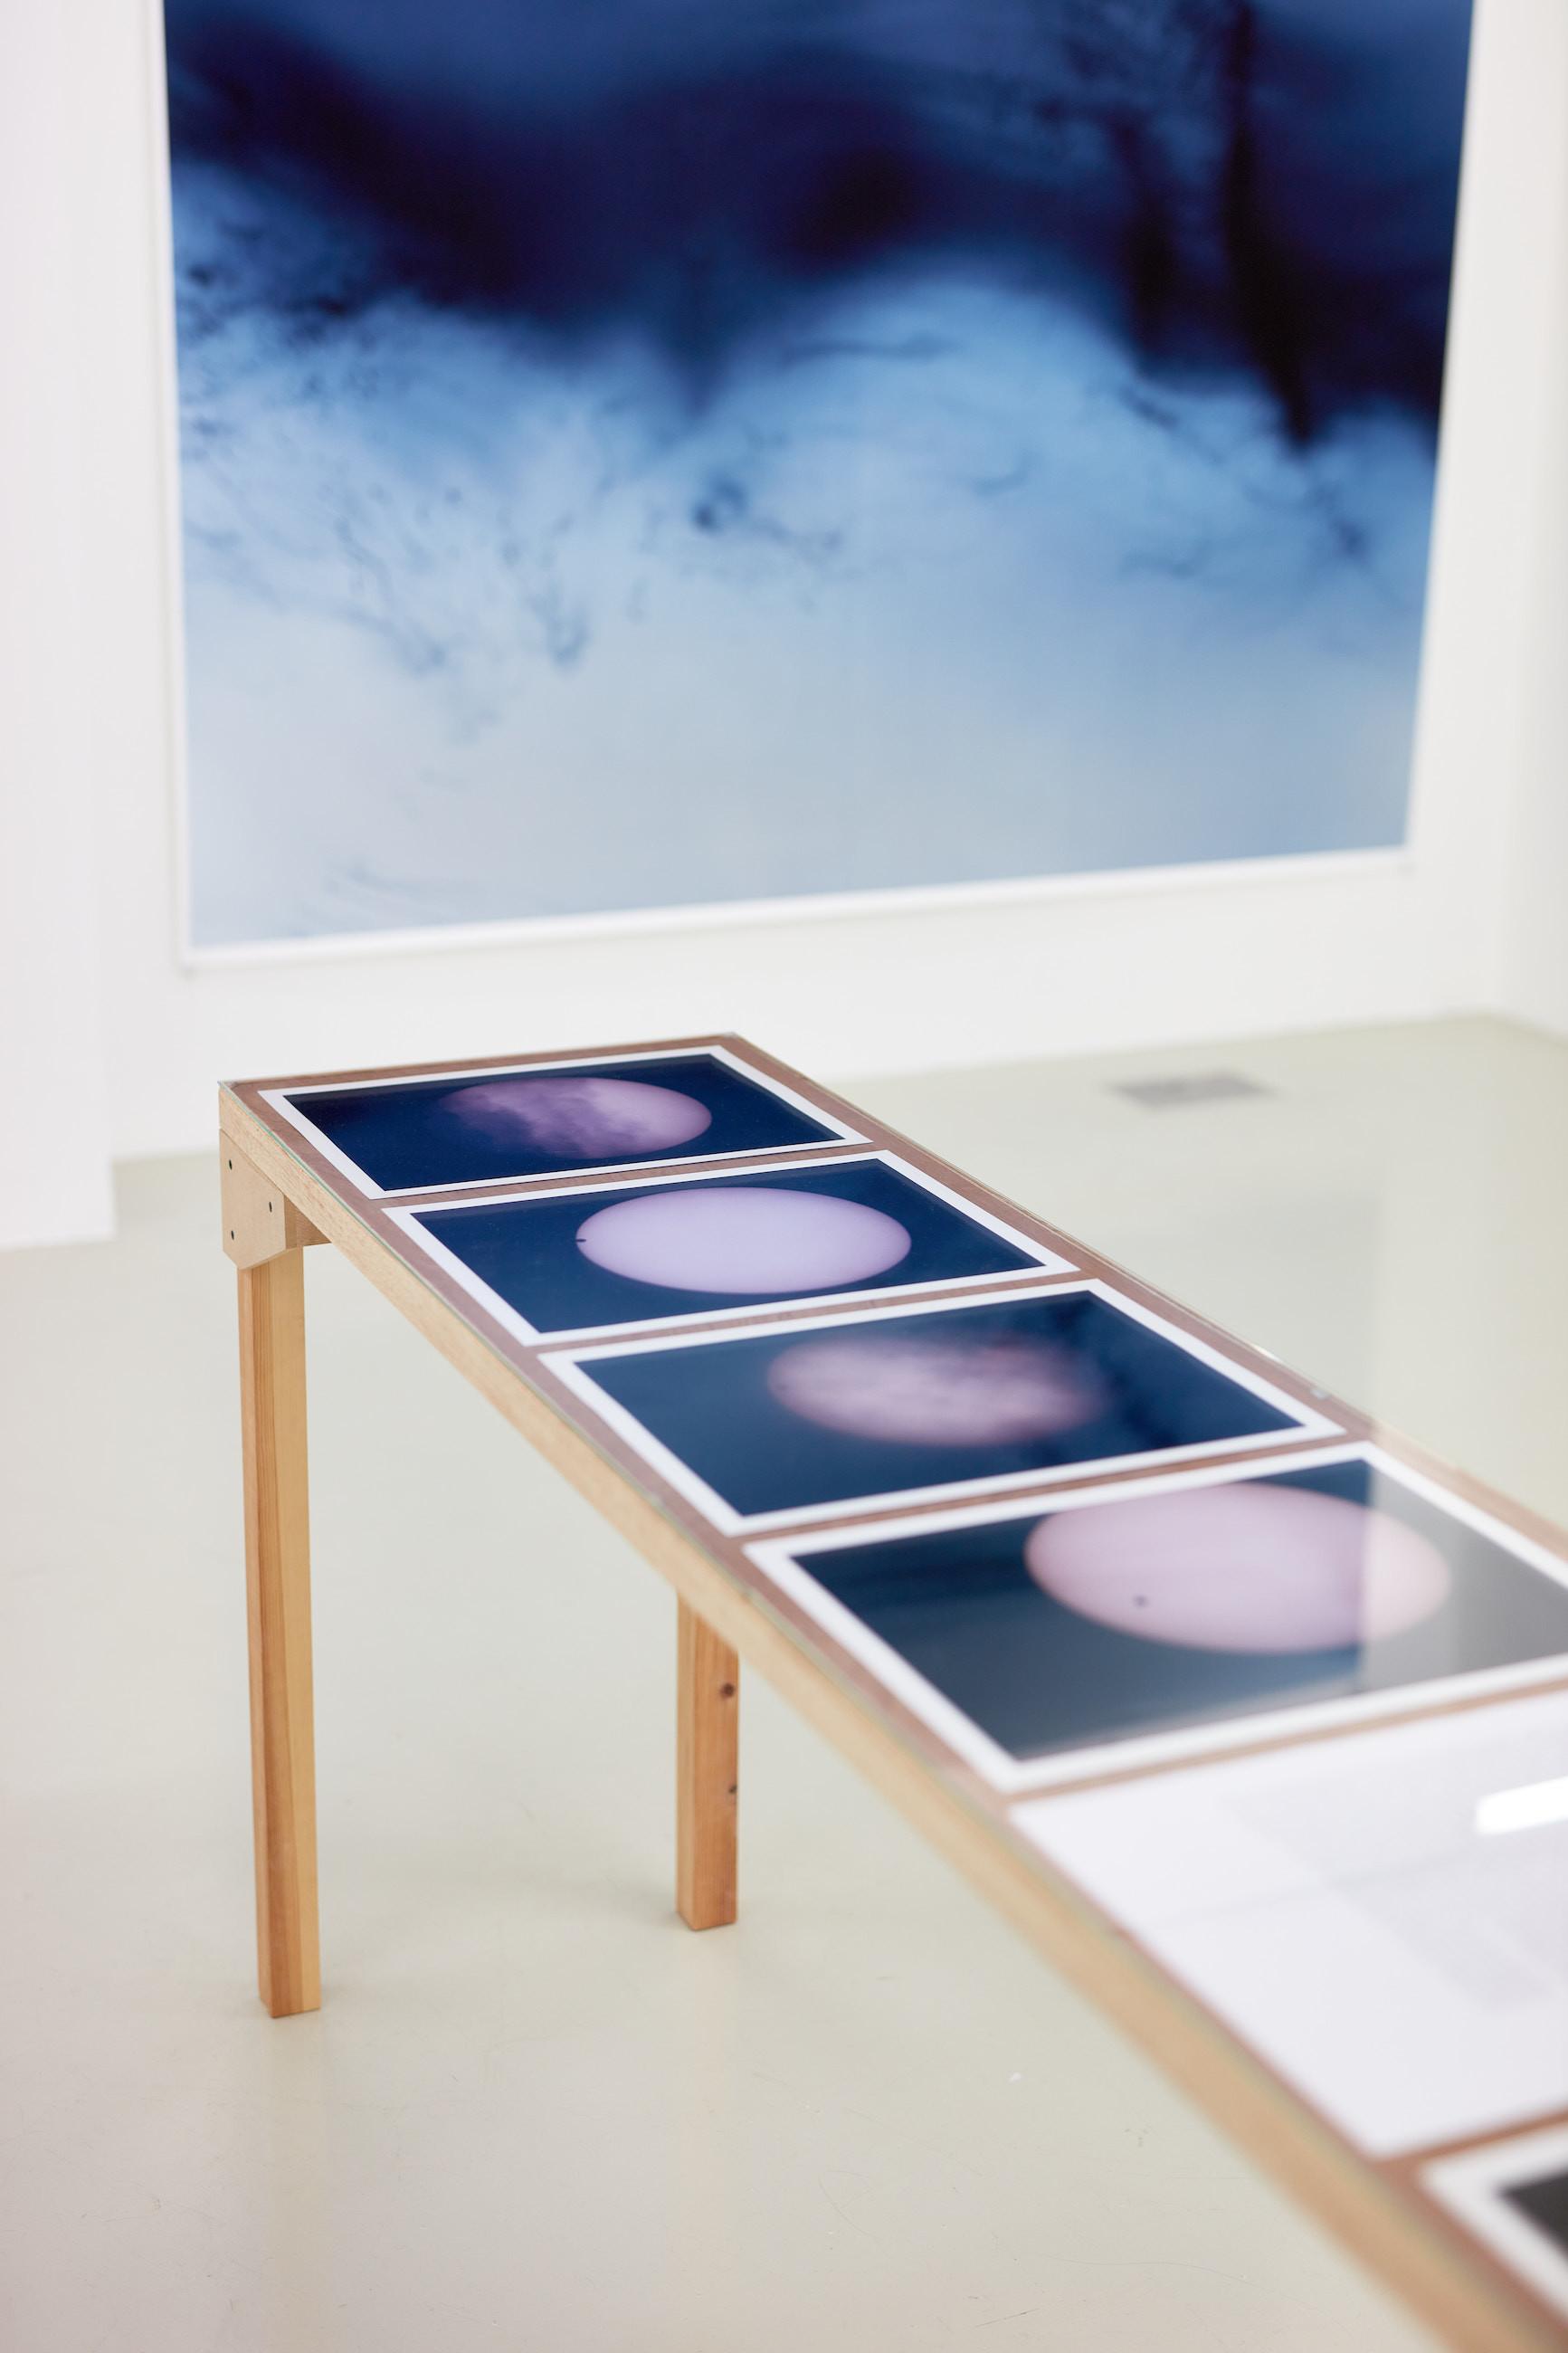 Wolfgang Tillmans: A te tested a tiéd . Kiállítási látkép, Trafó Galéria, 2021. Középen: Venus Transit Table, 2004/2021. Fotó: Biró Dávid